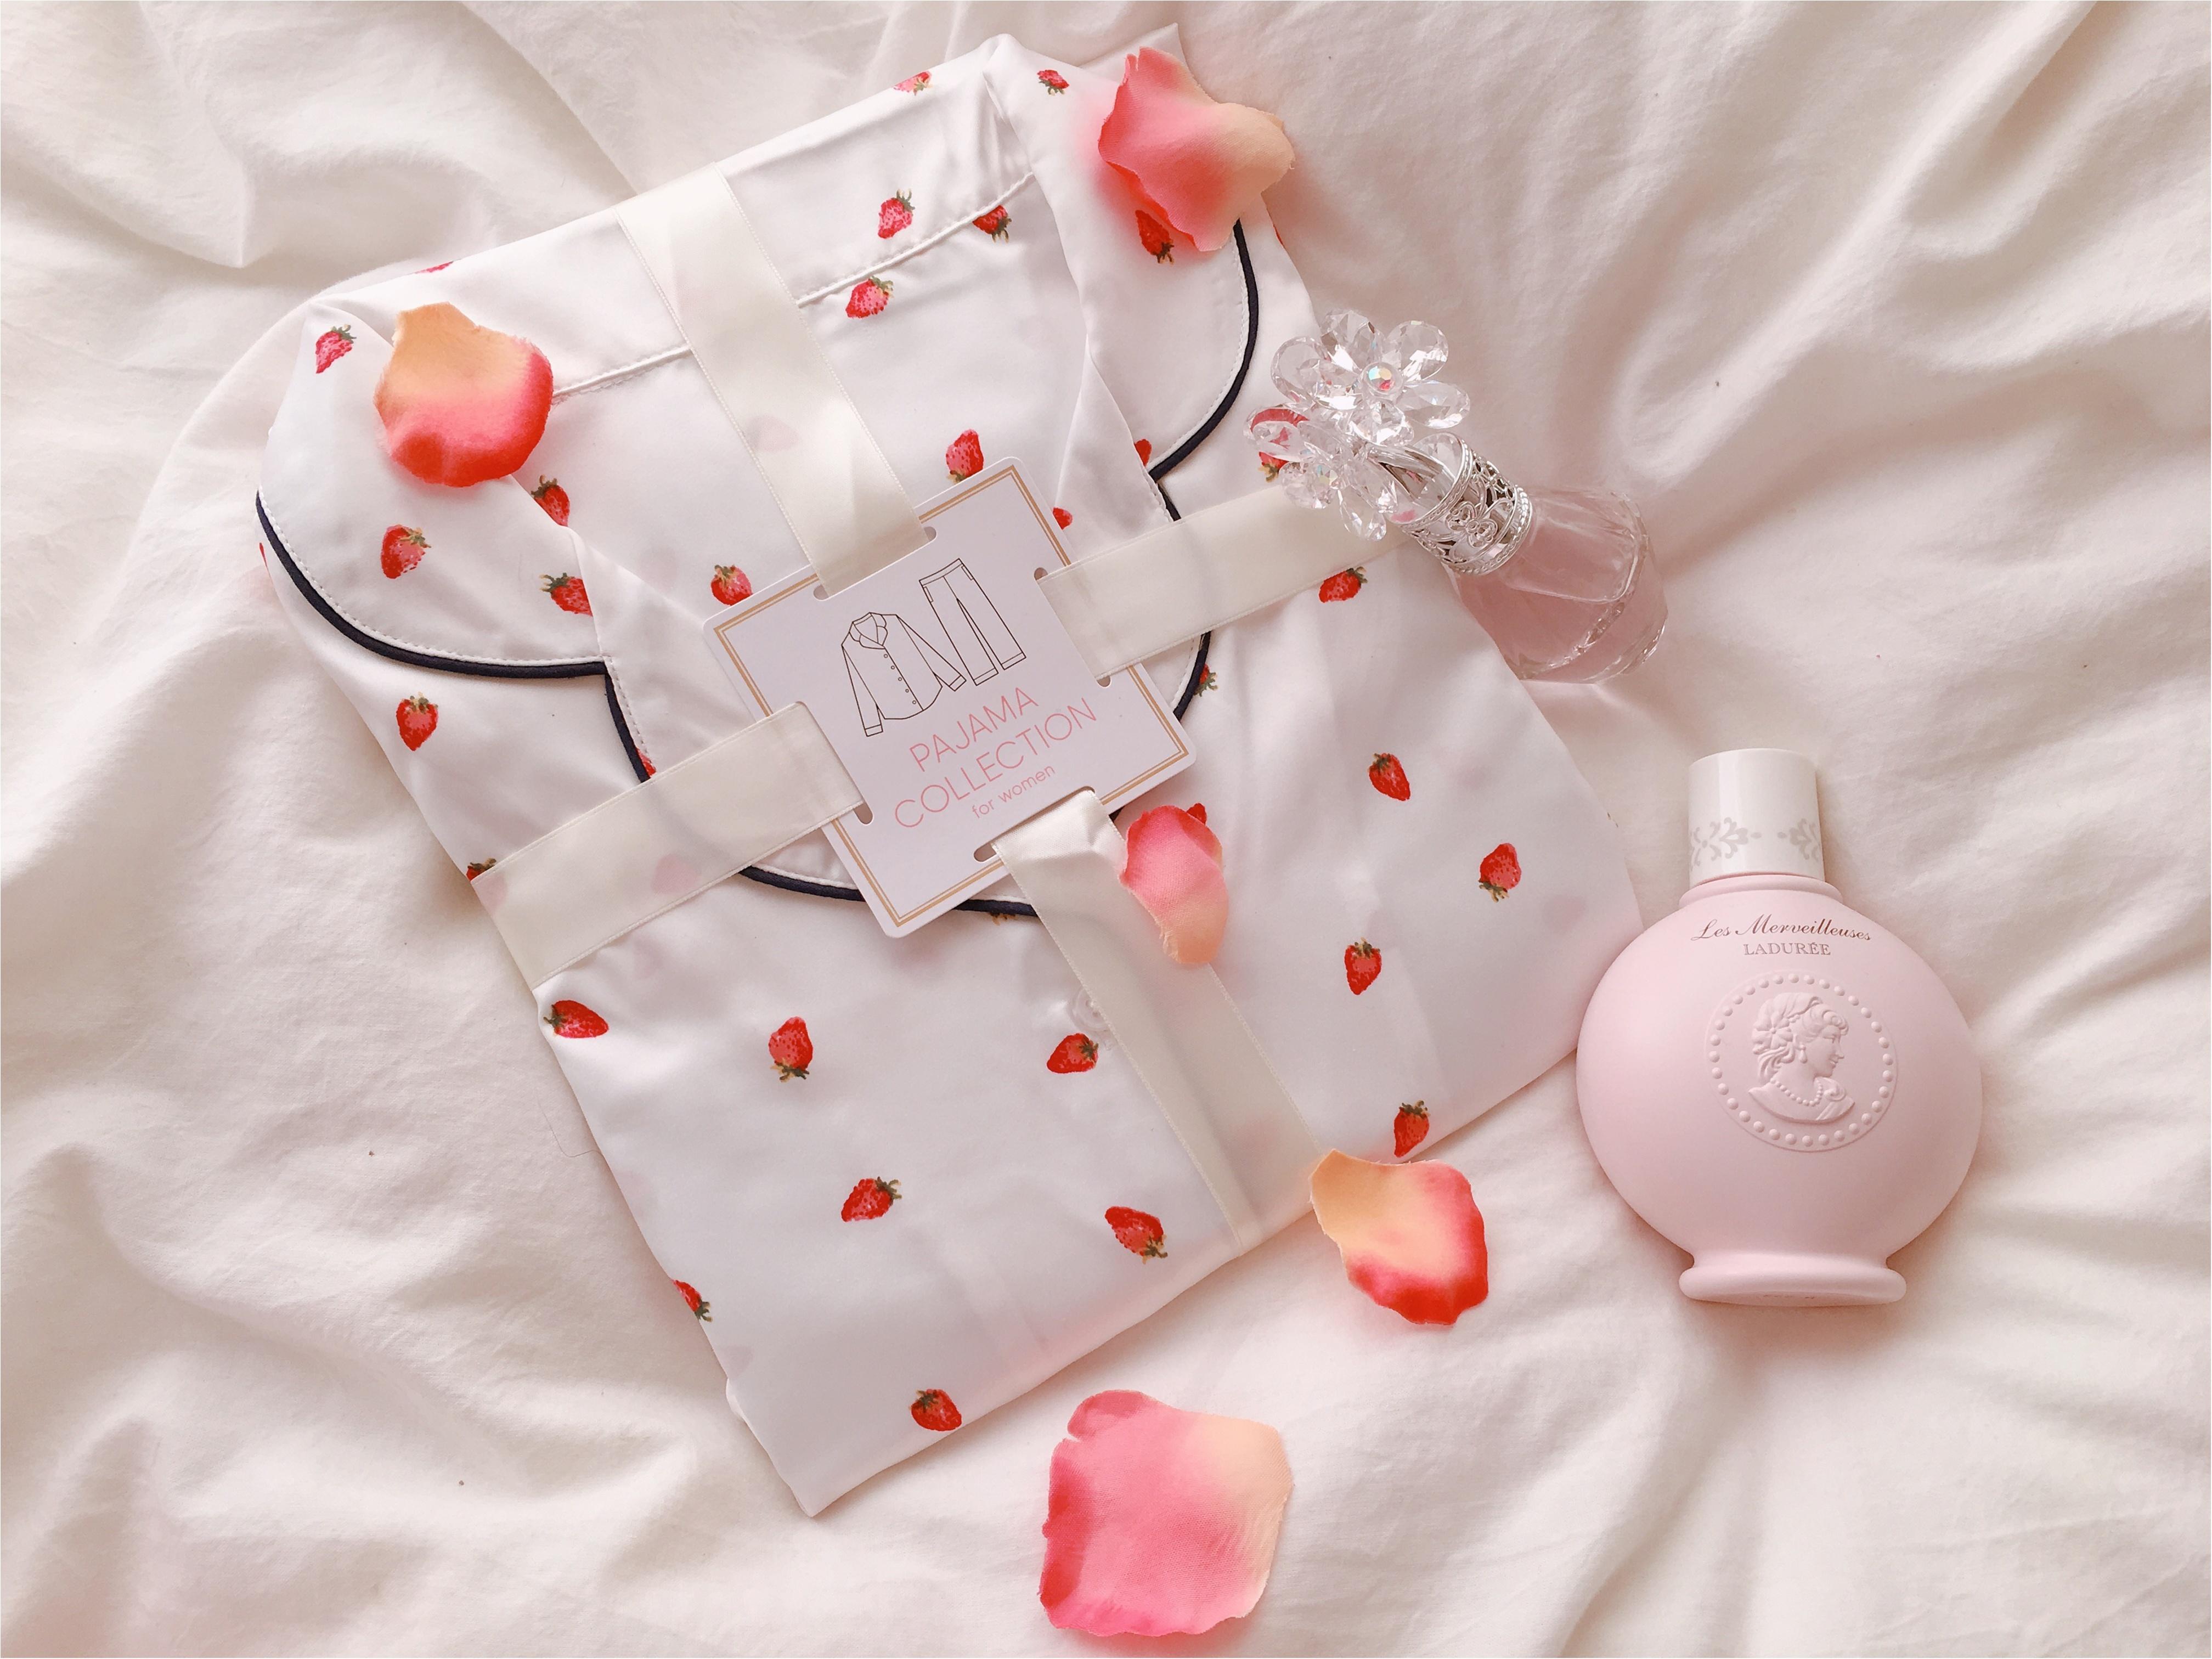 【GU(ジーユー)】いちごパジャマがかわいすぎて春が待ち遠しい!_1